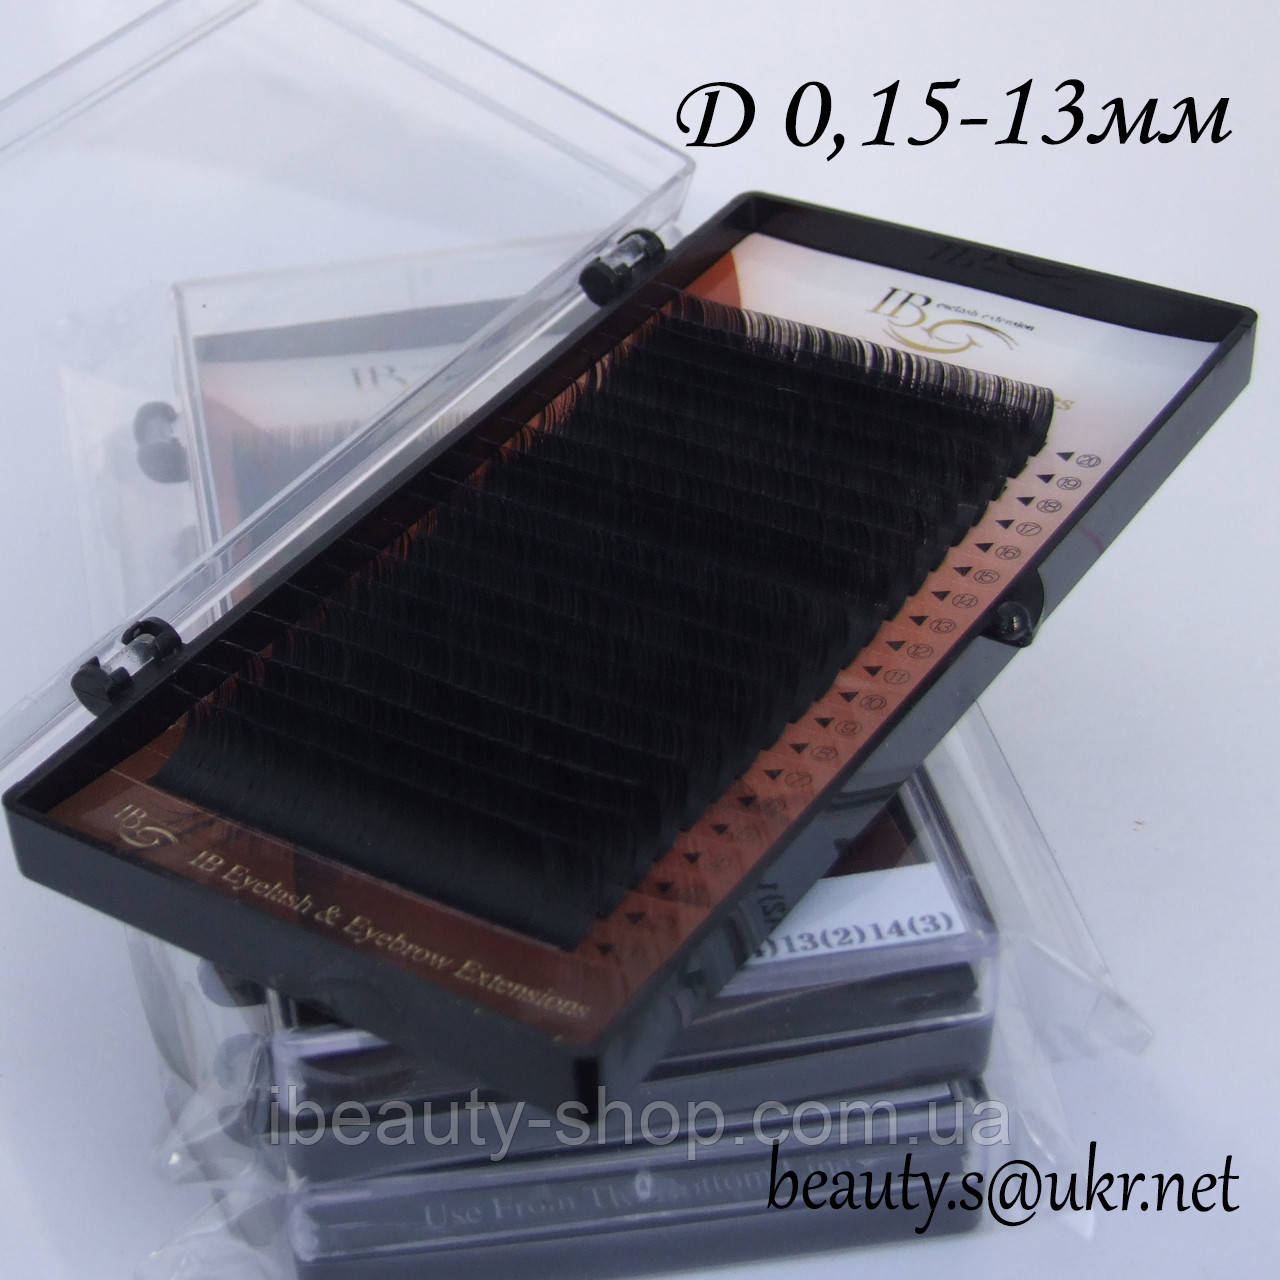 Ресницы  I-Beauty на ленте D-0,15 13мм